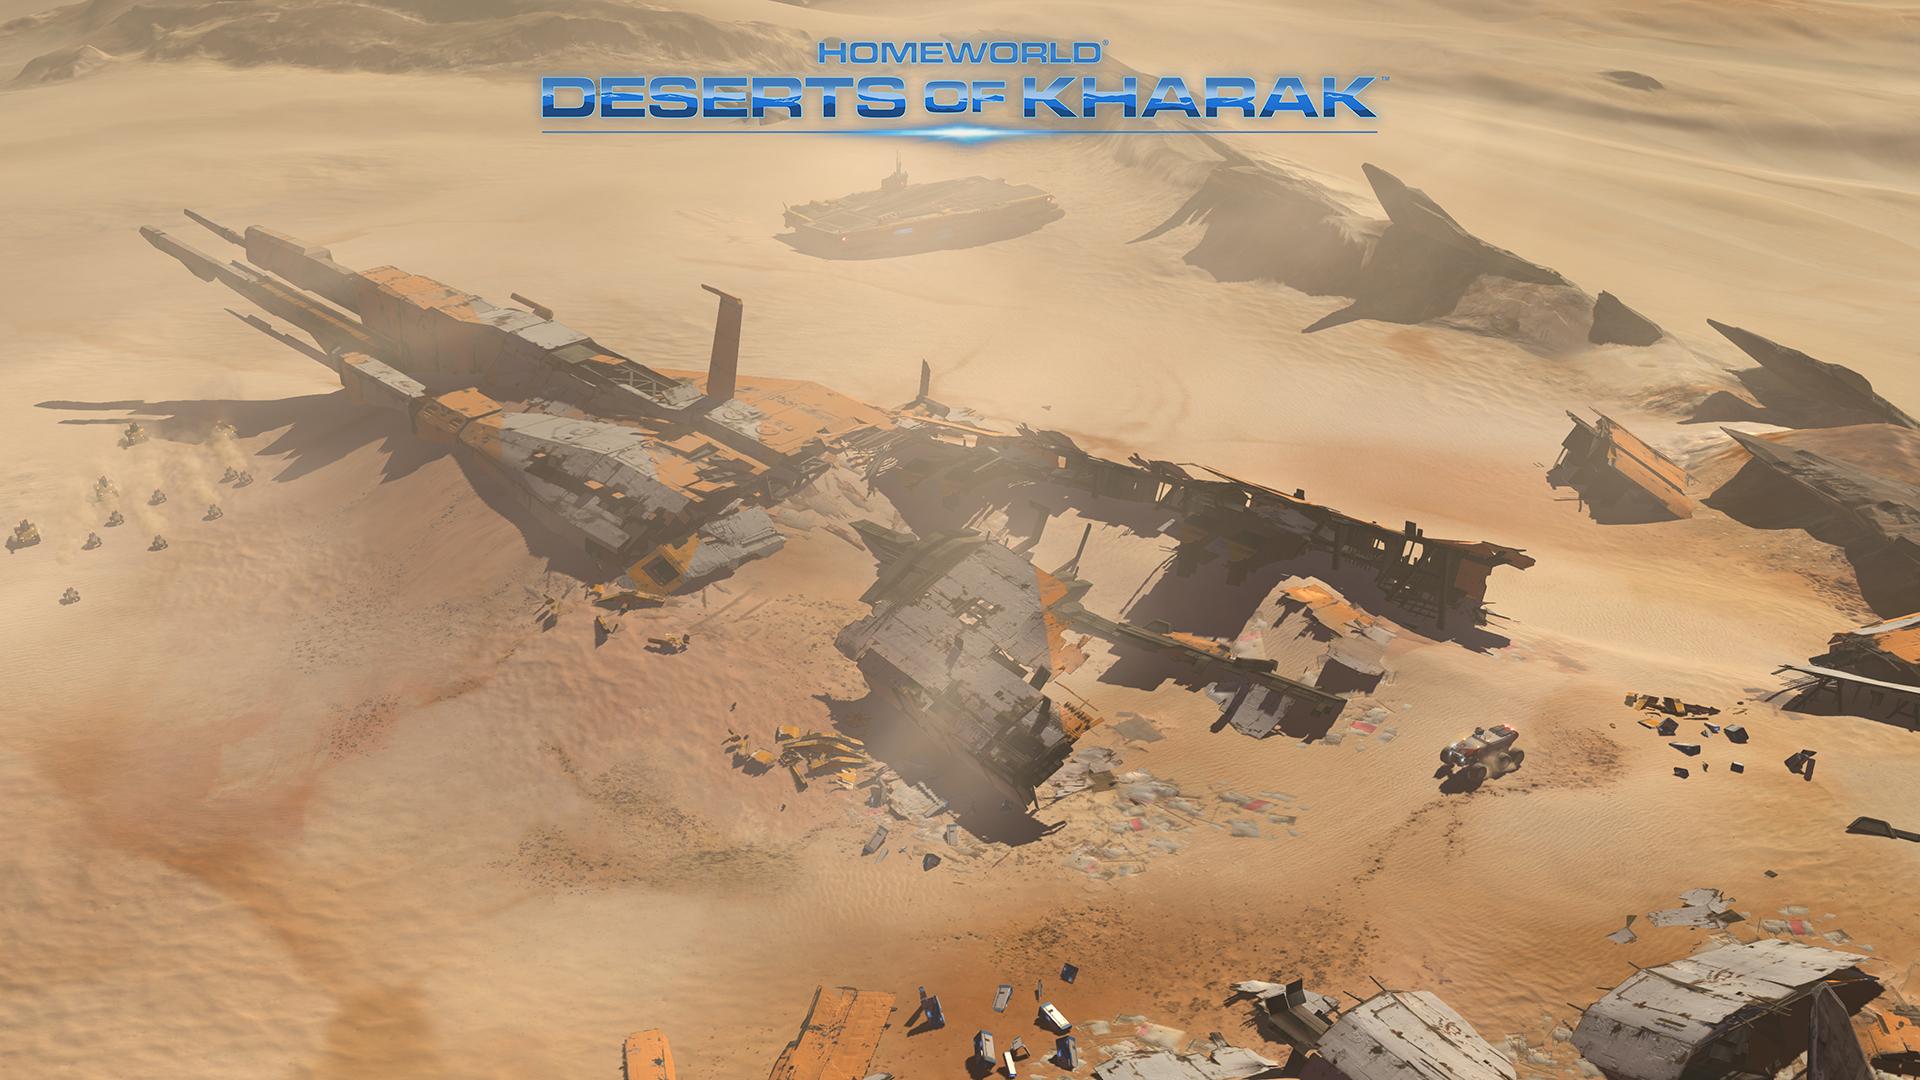 Homeworld: desserts of kharak - soundtrack crack torrent